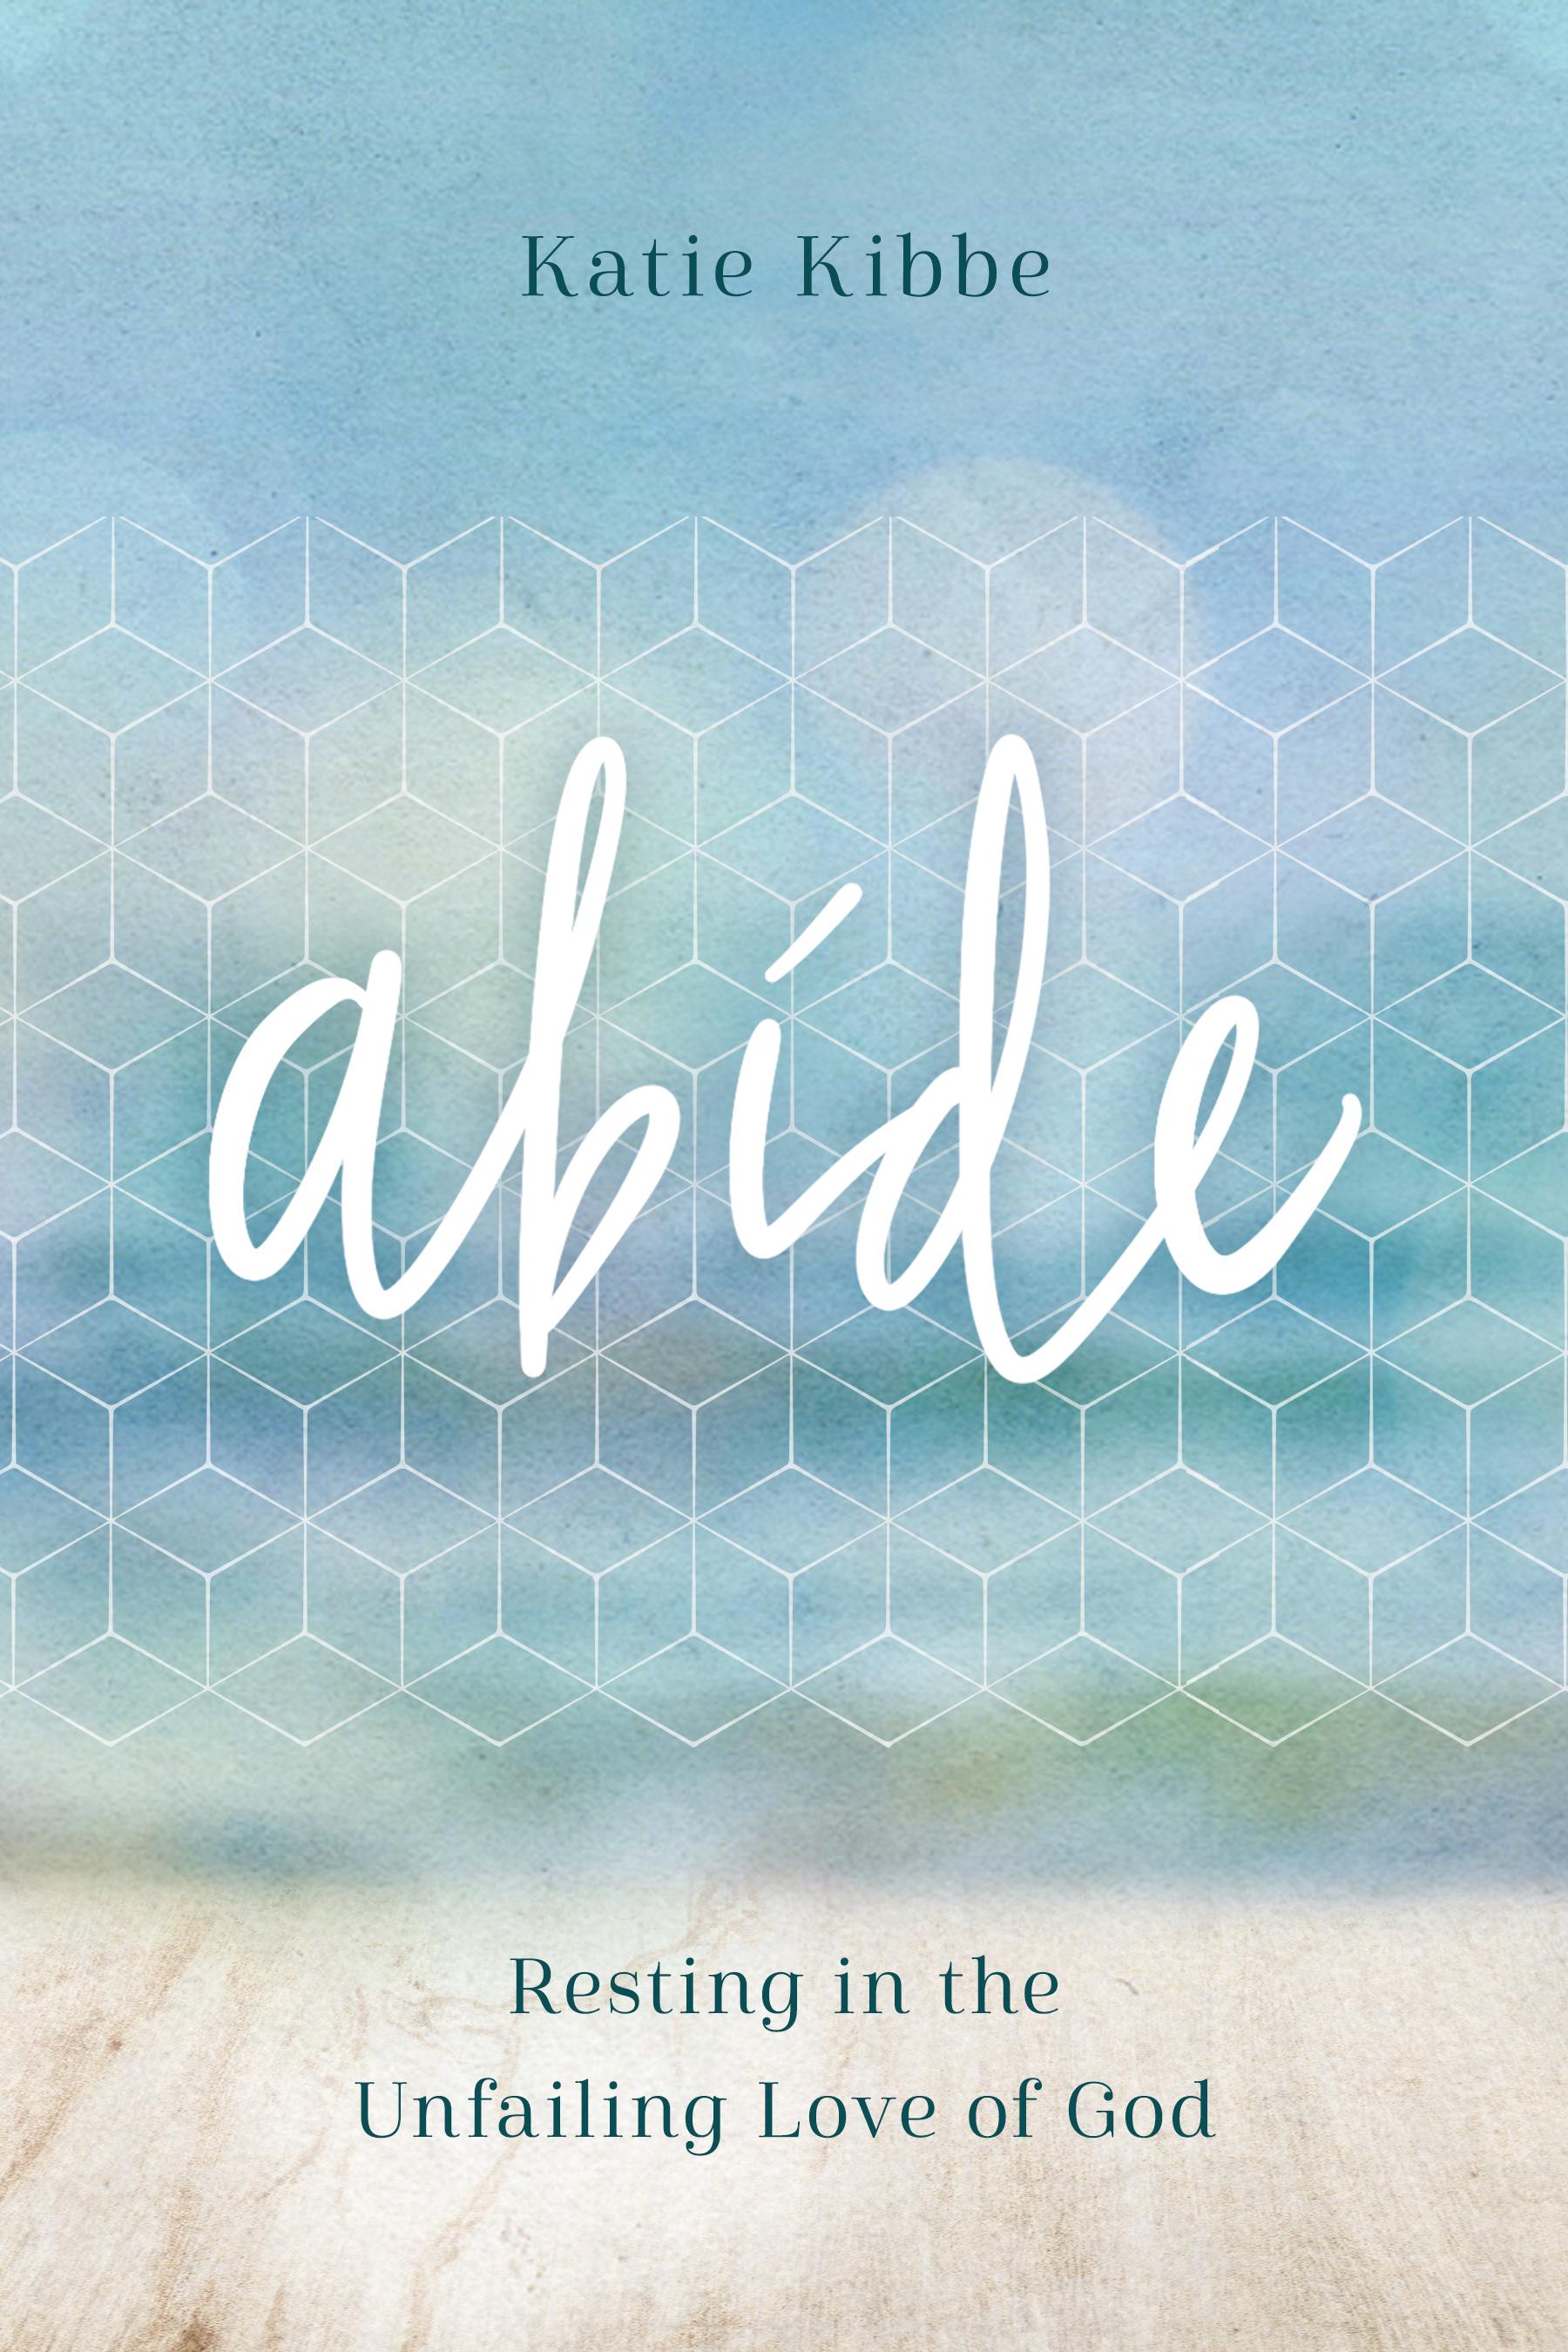 abide cover final.jpg